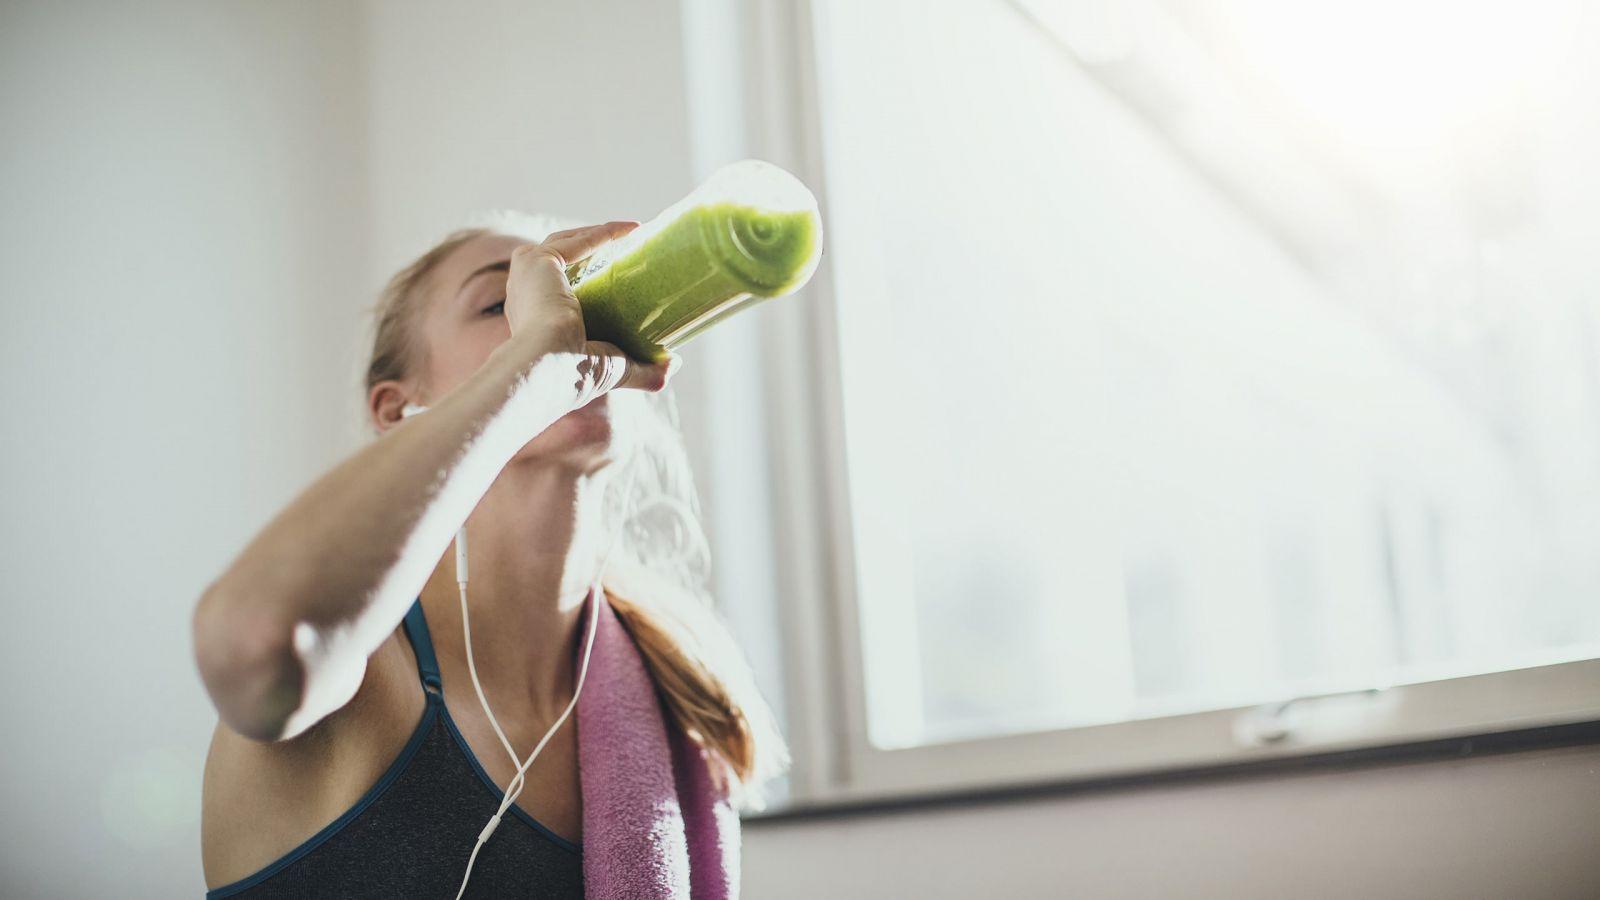 Cần tây mang lại nhiều tác dụng tuyệt vời cho sức khỏe